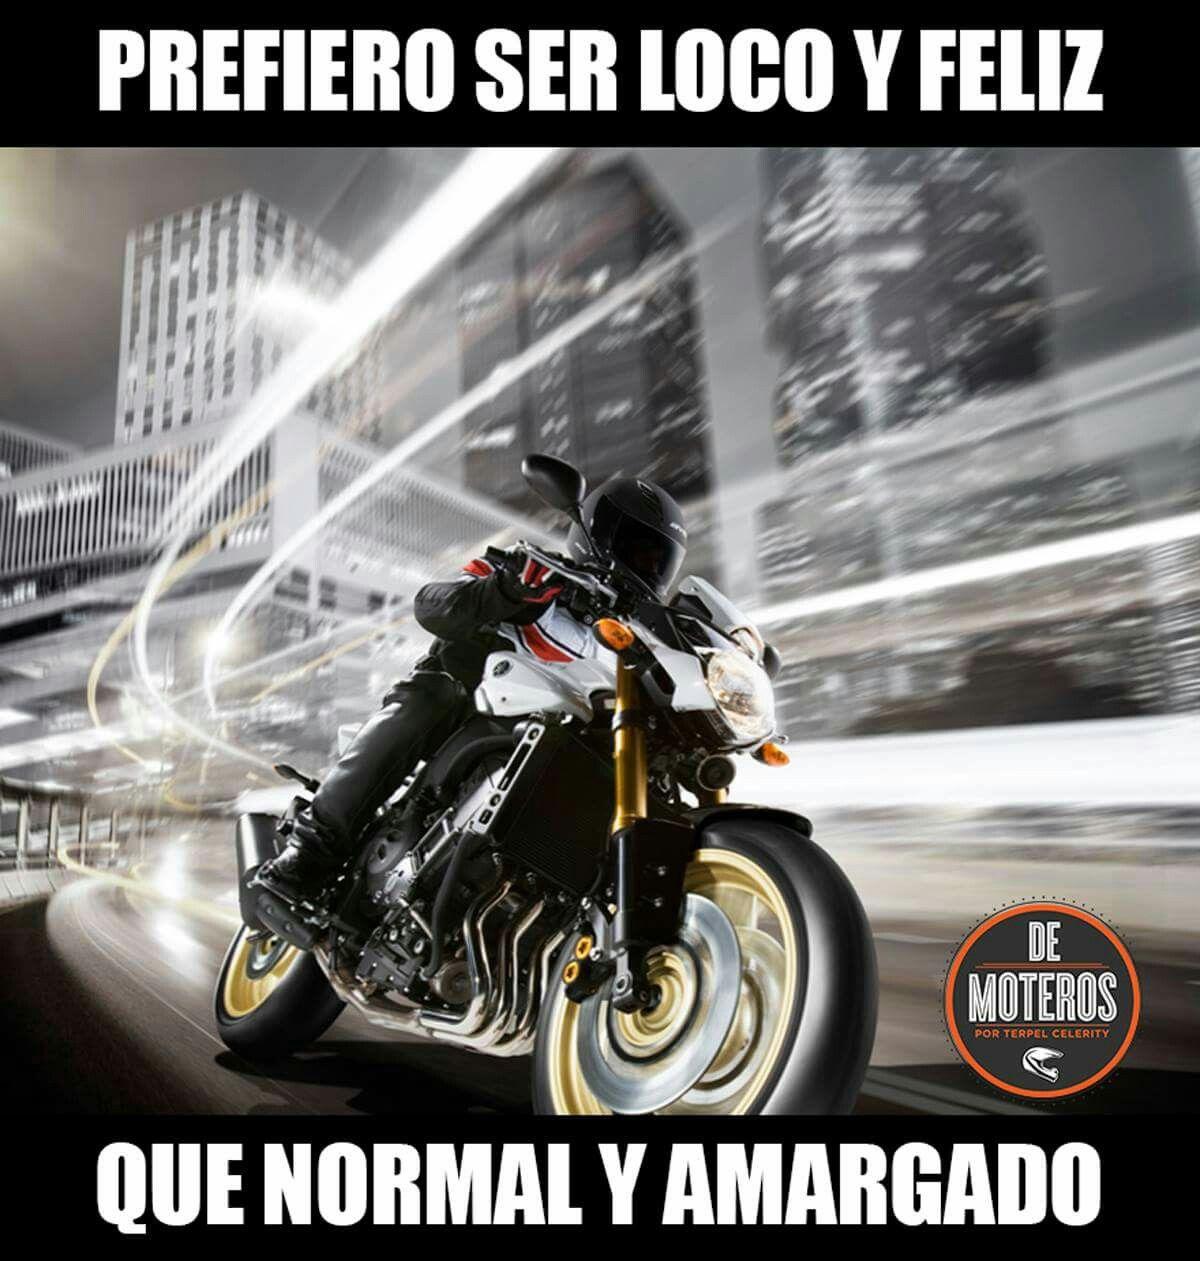 Las Mejores Imagenes De Motos Con Frases De Amor Para Tu Companera